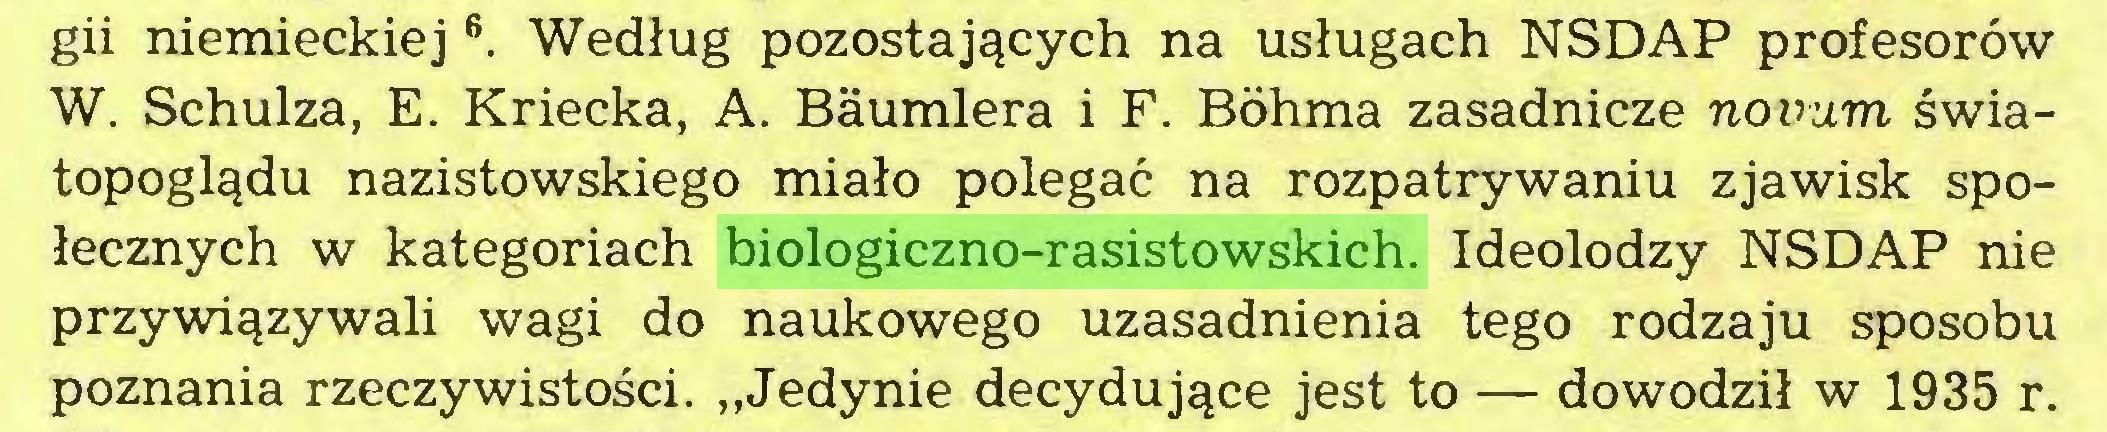 """(...) gii niemieckiej6. Według pozostających na usługach NSDAP profesorów W. Schulza, E. Kriecka, A. Baumlera i F. Bóhma zasadnicze novum światopoglądu nazistowskiego miało polegać na rozpatrywaniu zjawisk społecznych w kategoriach biologiczno-rasistowskich. Ideolodzy NSDAP nie przywiązywali wagi do naukowego uzasadnienia tego rodzaju sposobu poznania rzeczywistości. """"Jedynie decydujące jest to — dowodził w 1935 r..."""